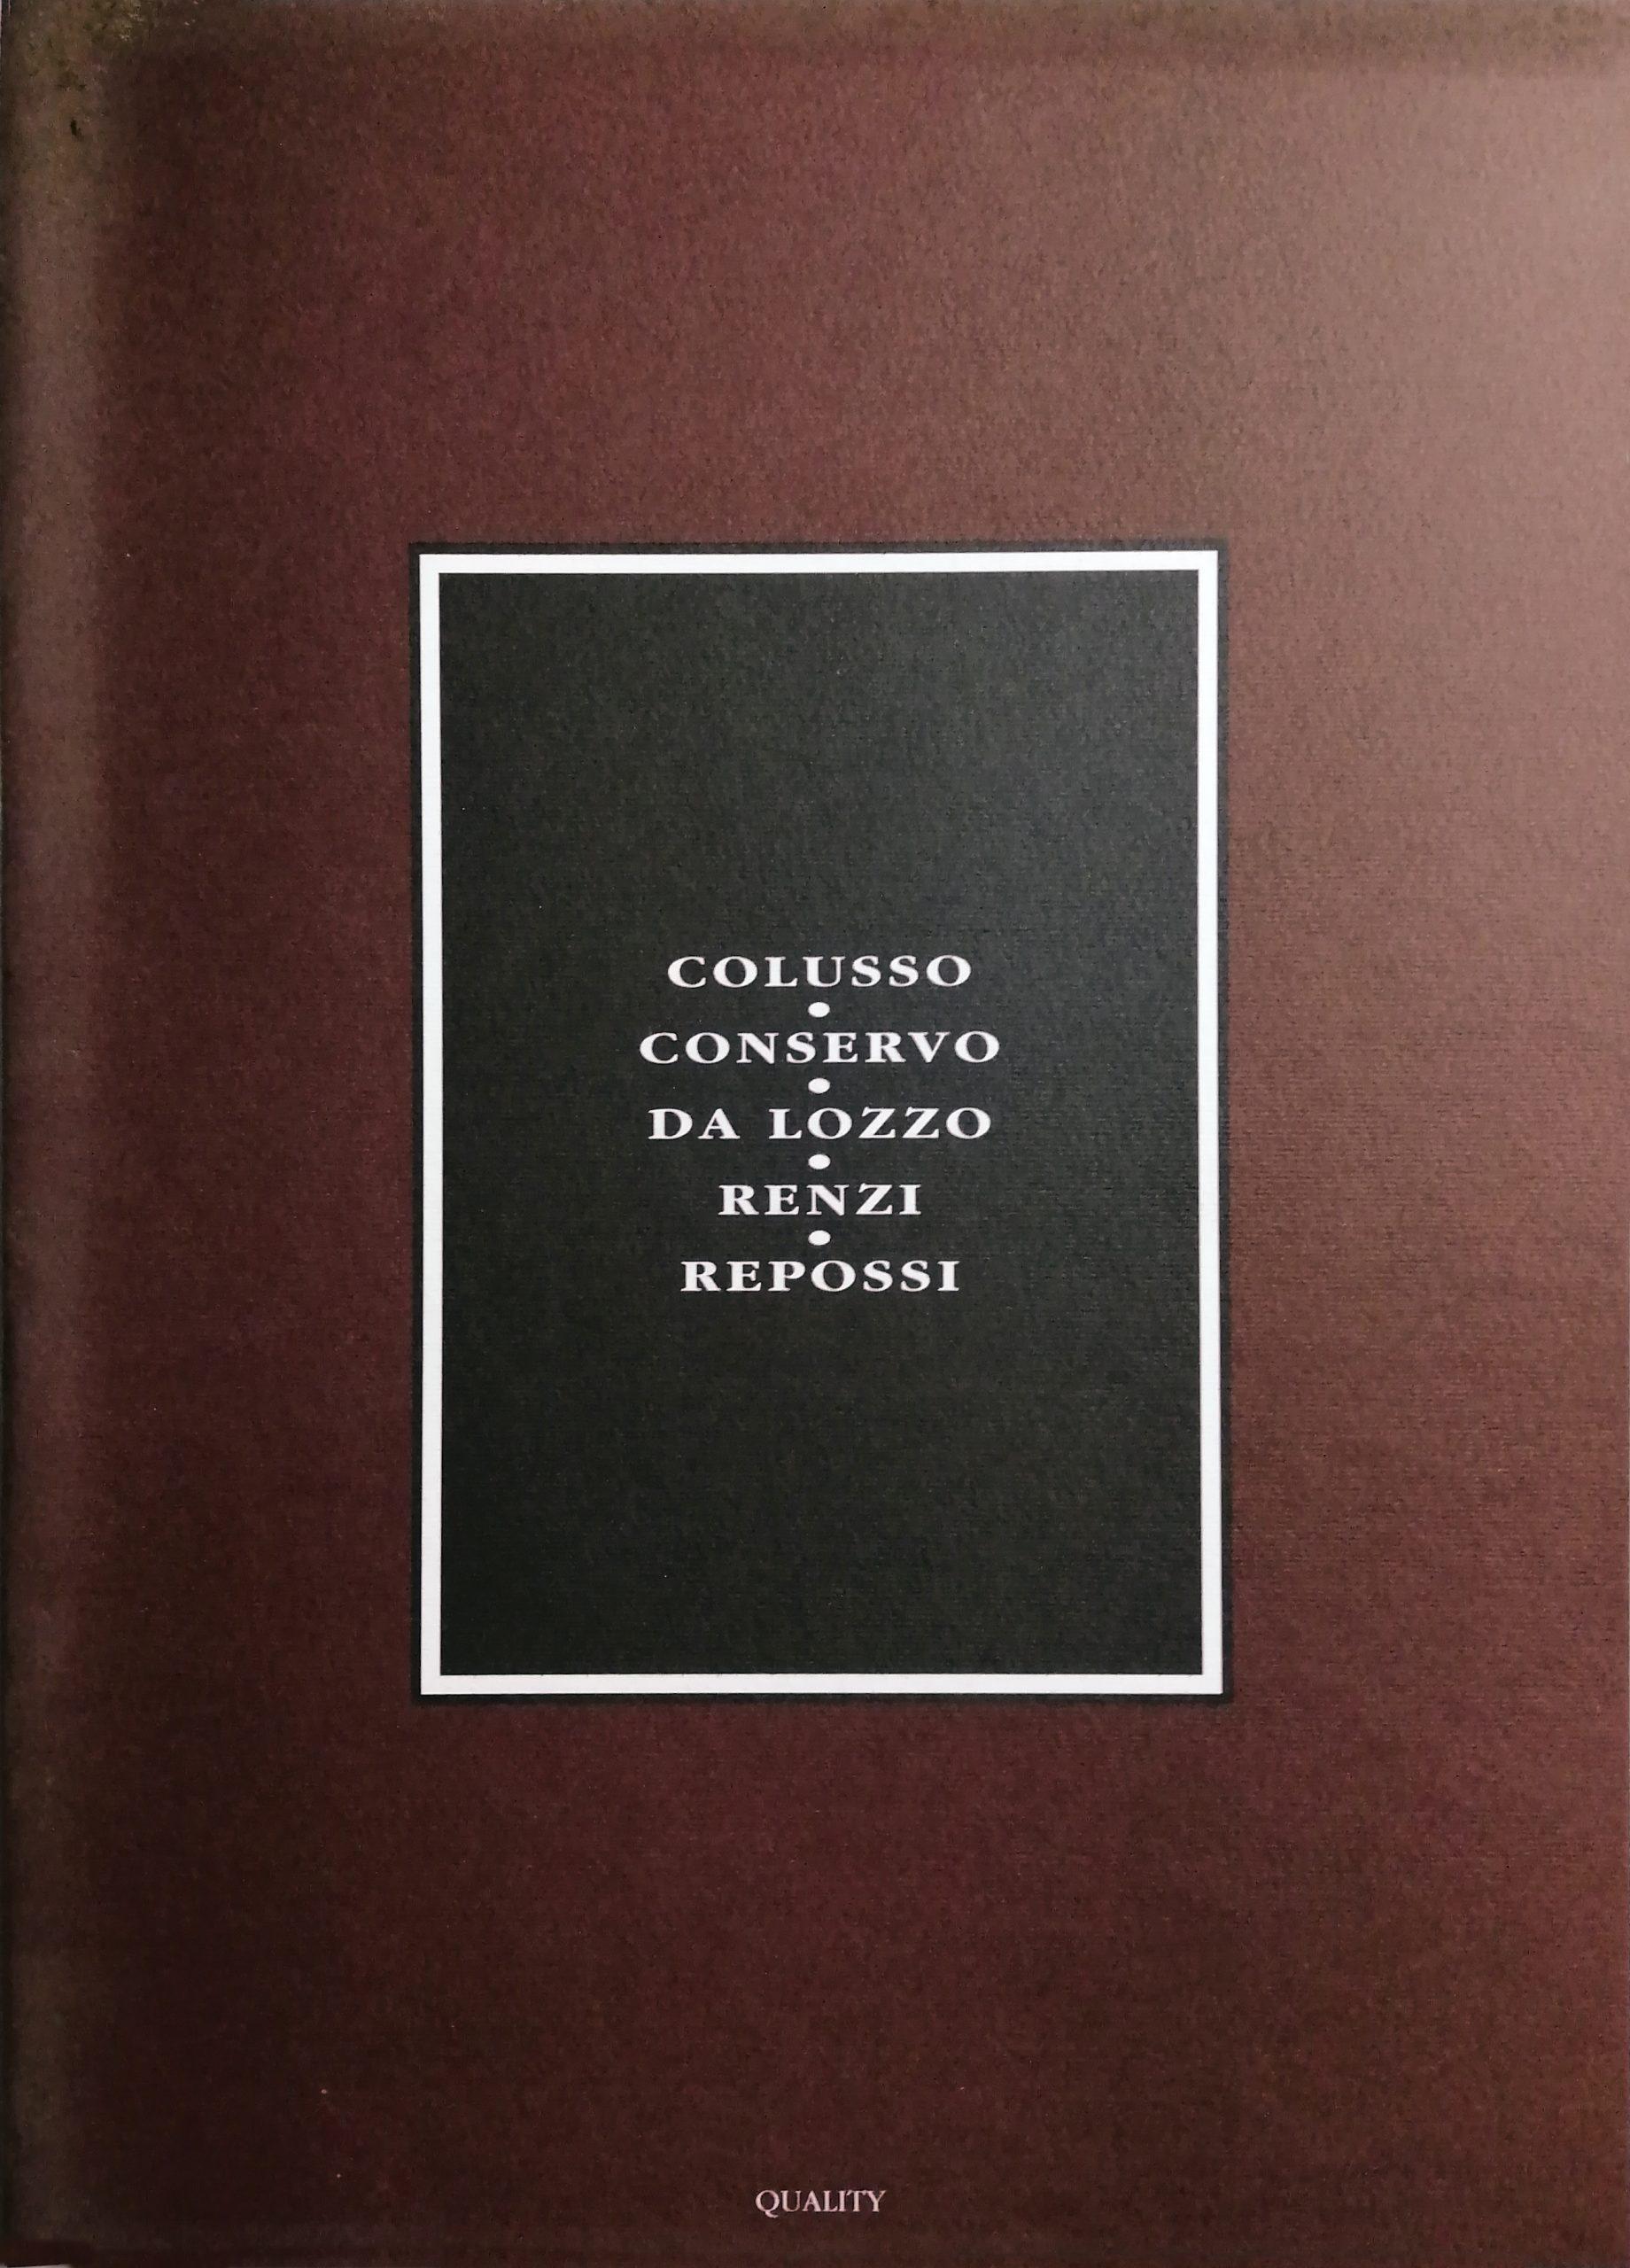 1993 Artisti del Melograno dOro Villa Litta Carini Orio Litta scaled - Bibliography/ Catalogues